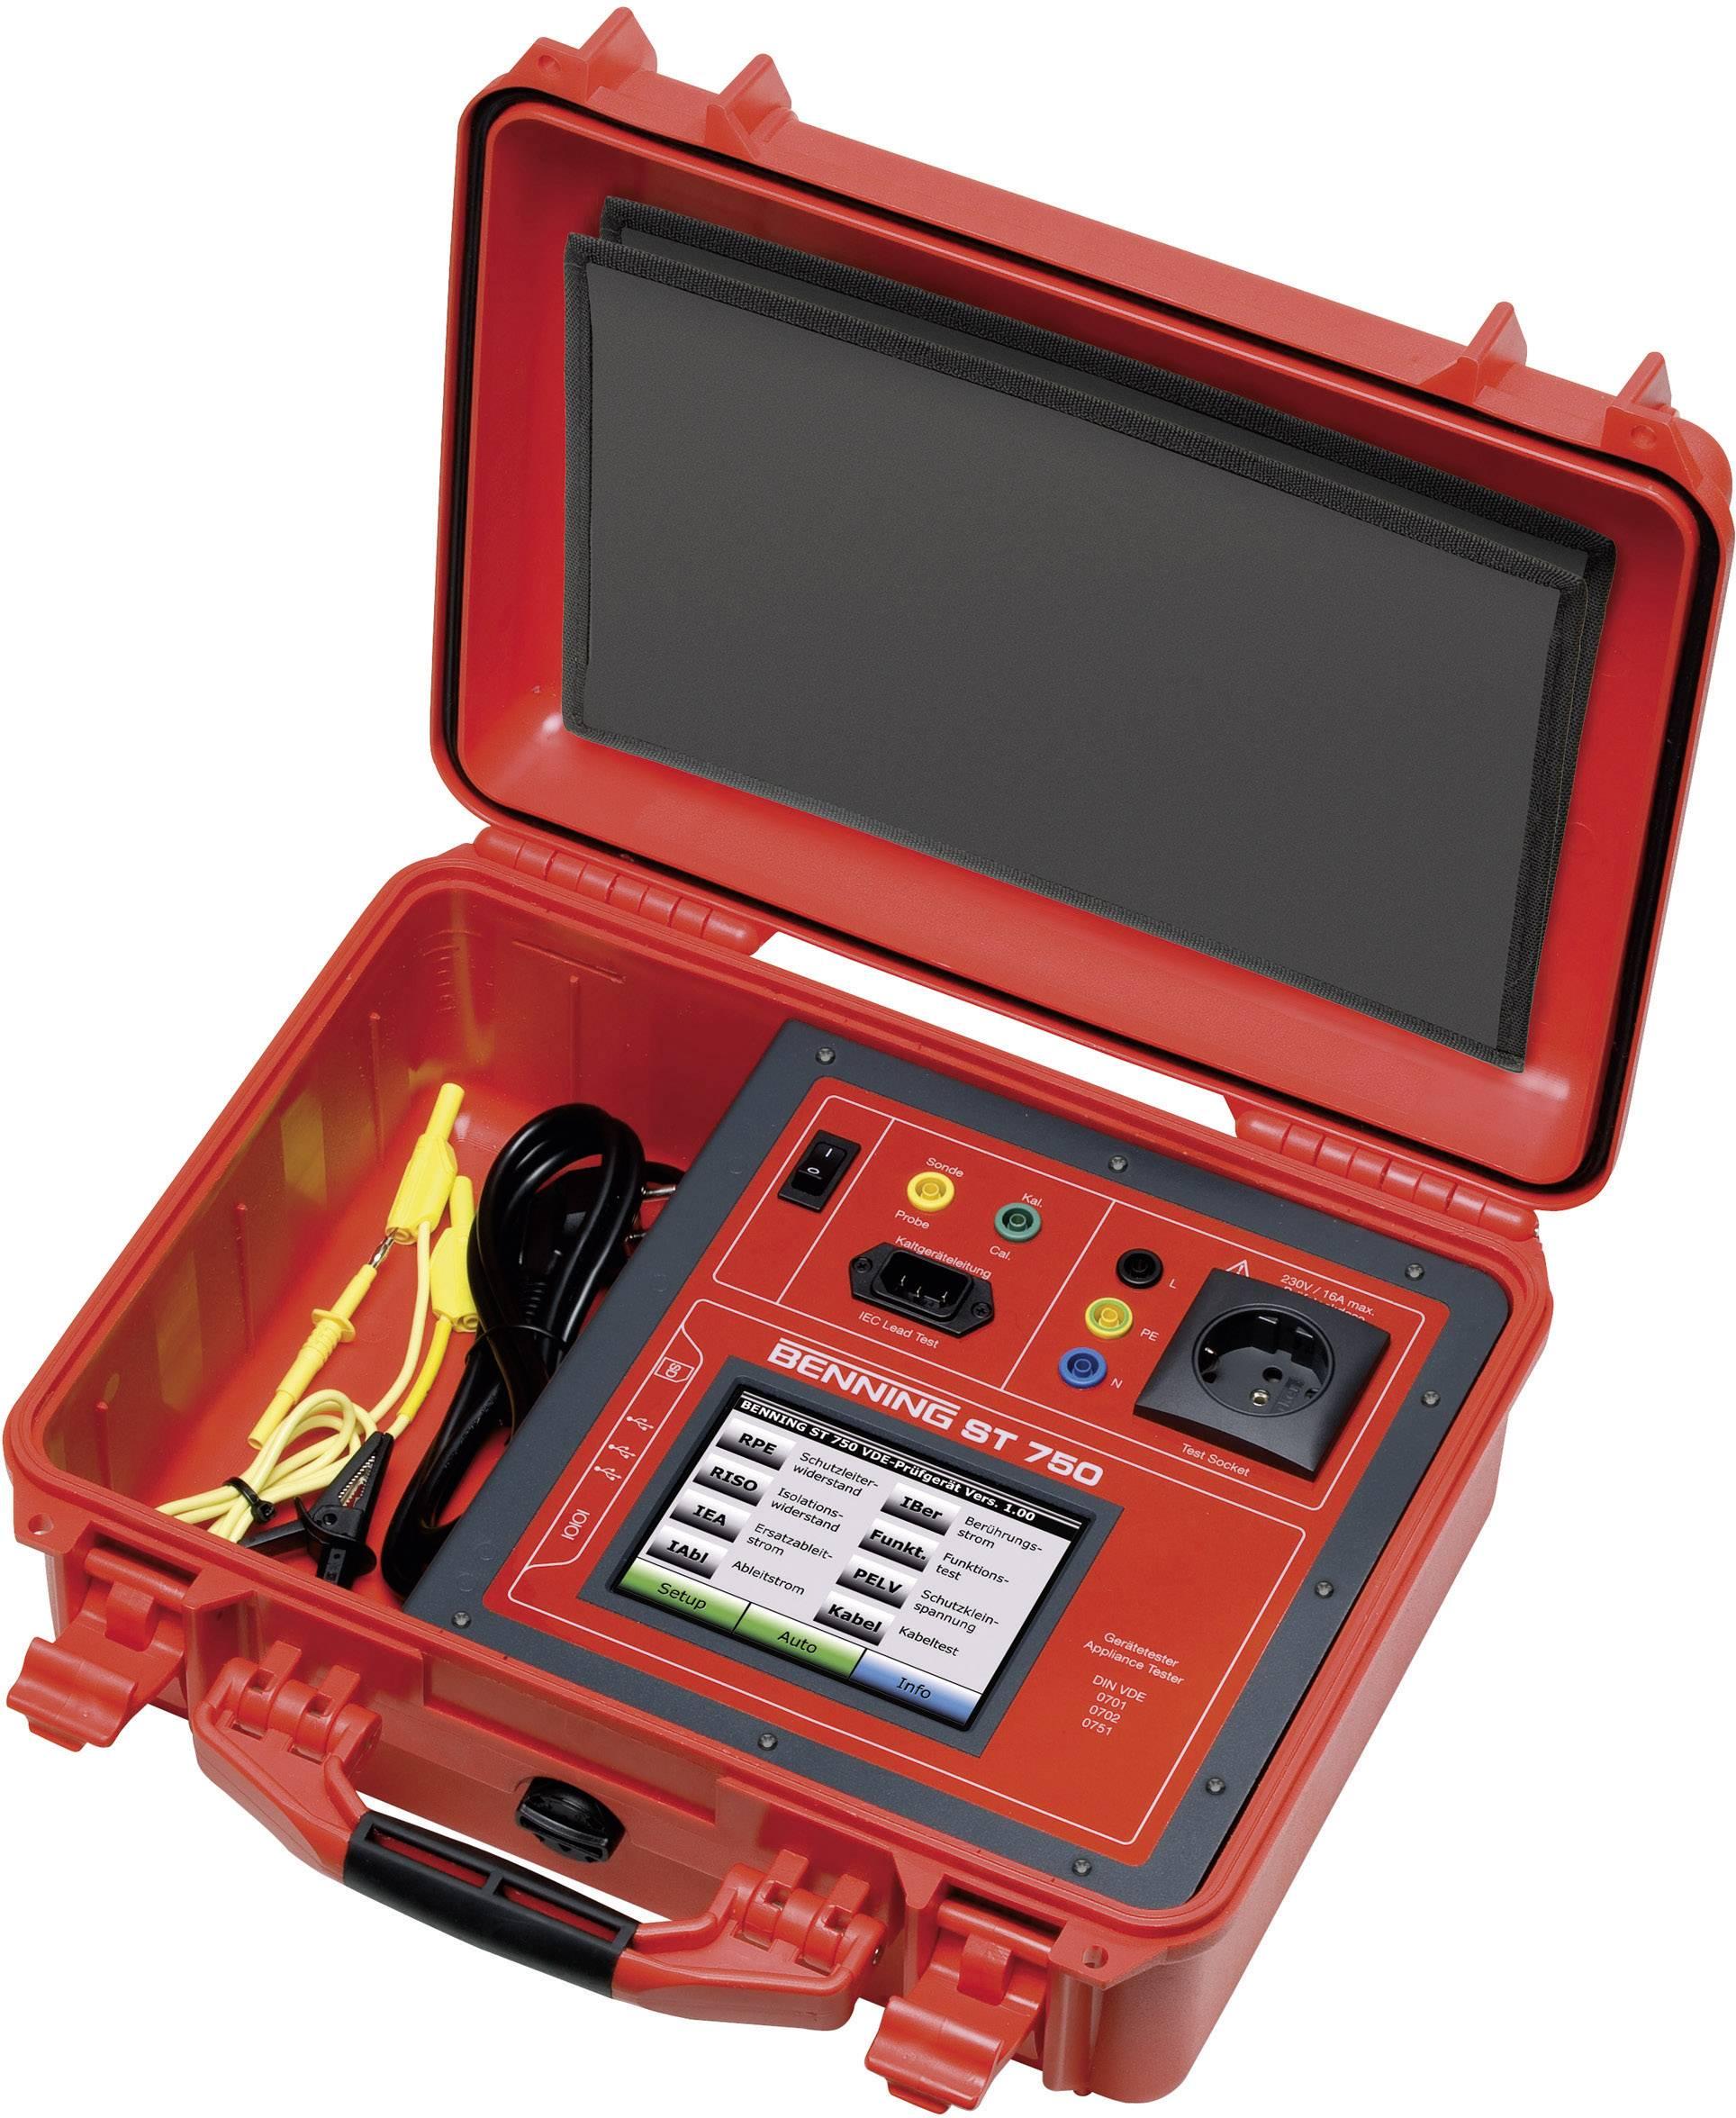 Sada VDE testera Benning ST 750 A, 050321